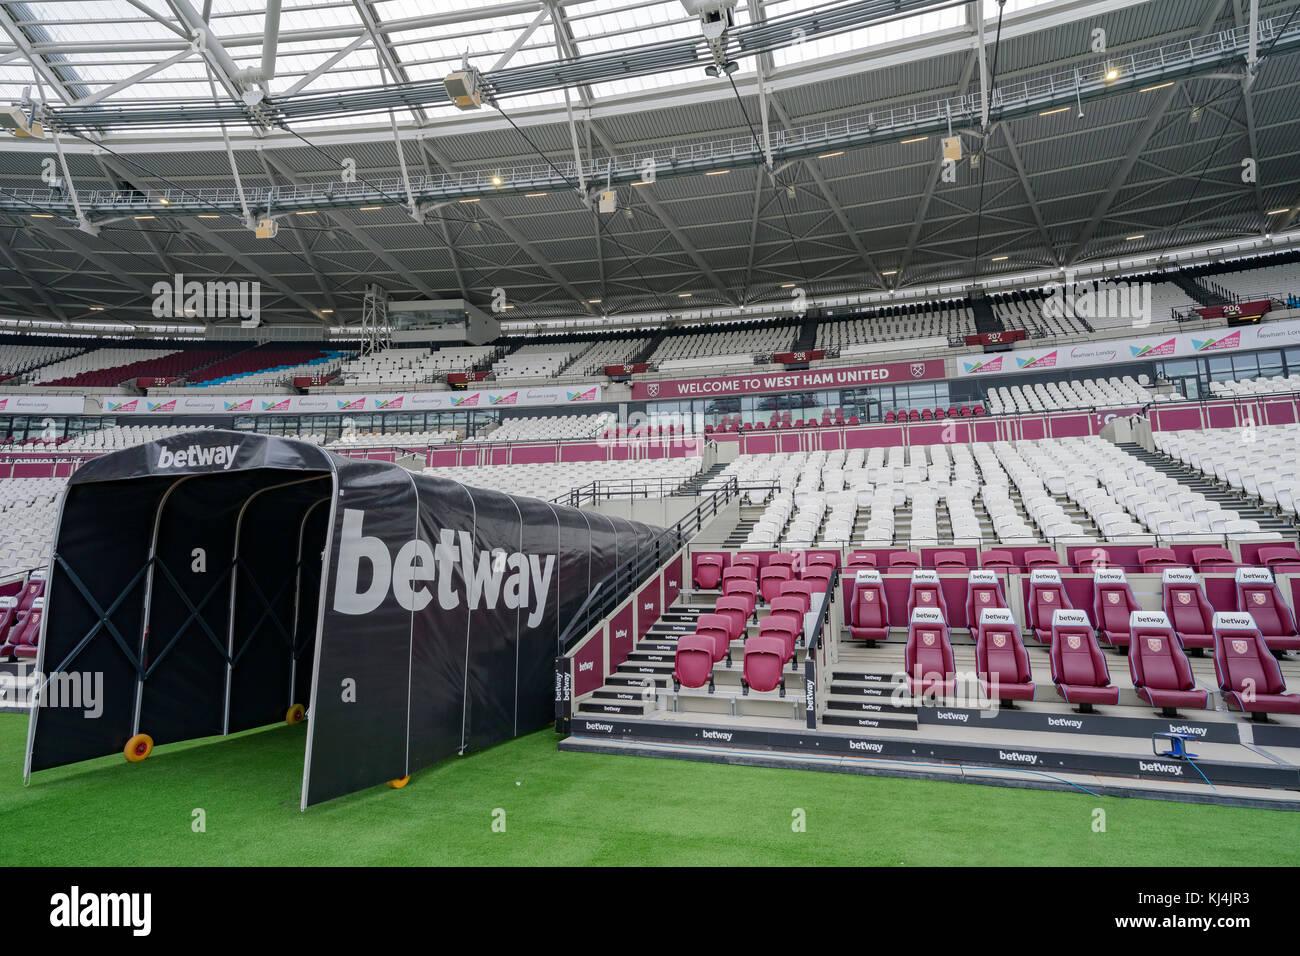 The London Stadium Home Of West Ham United And Uk Athletics Stock Photo Alamy